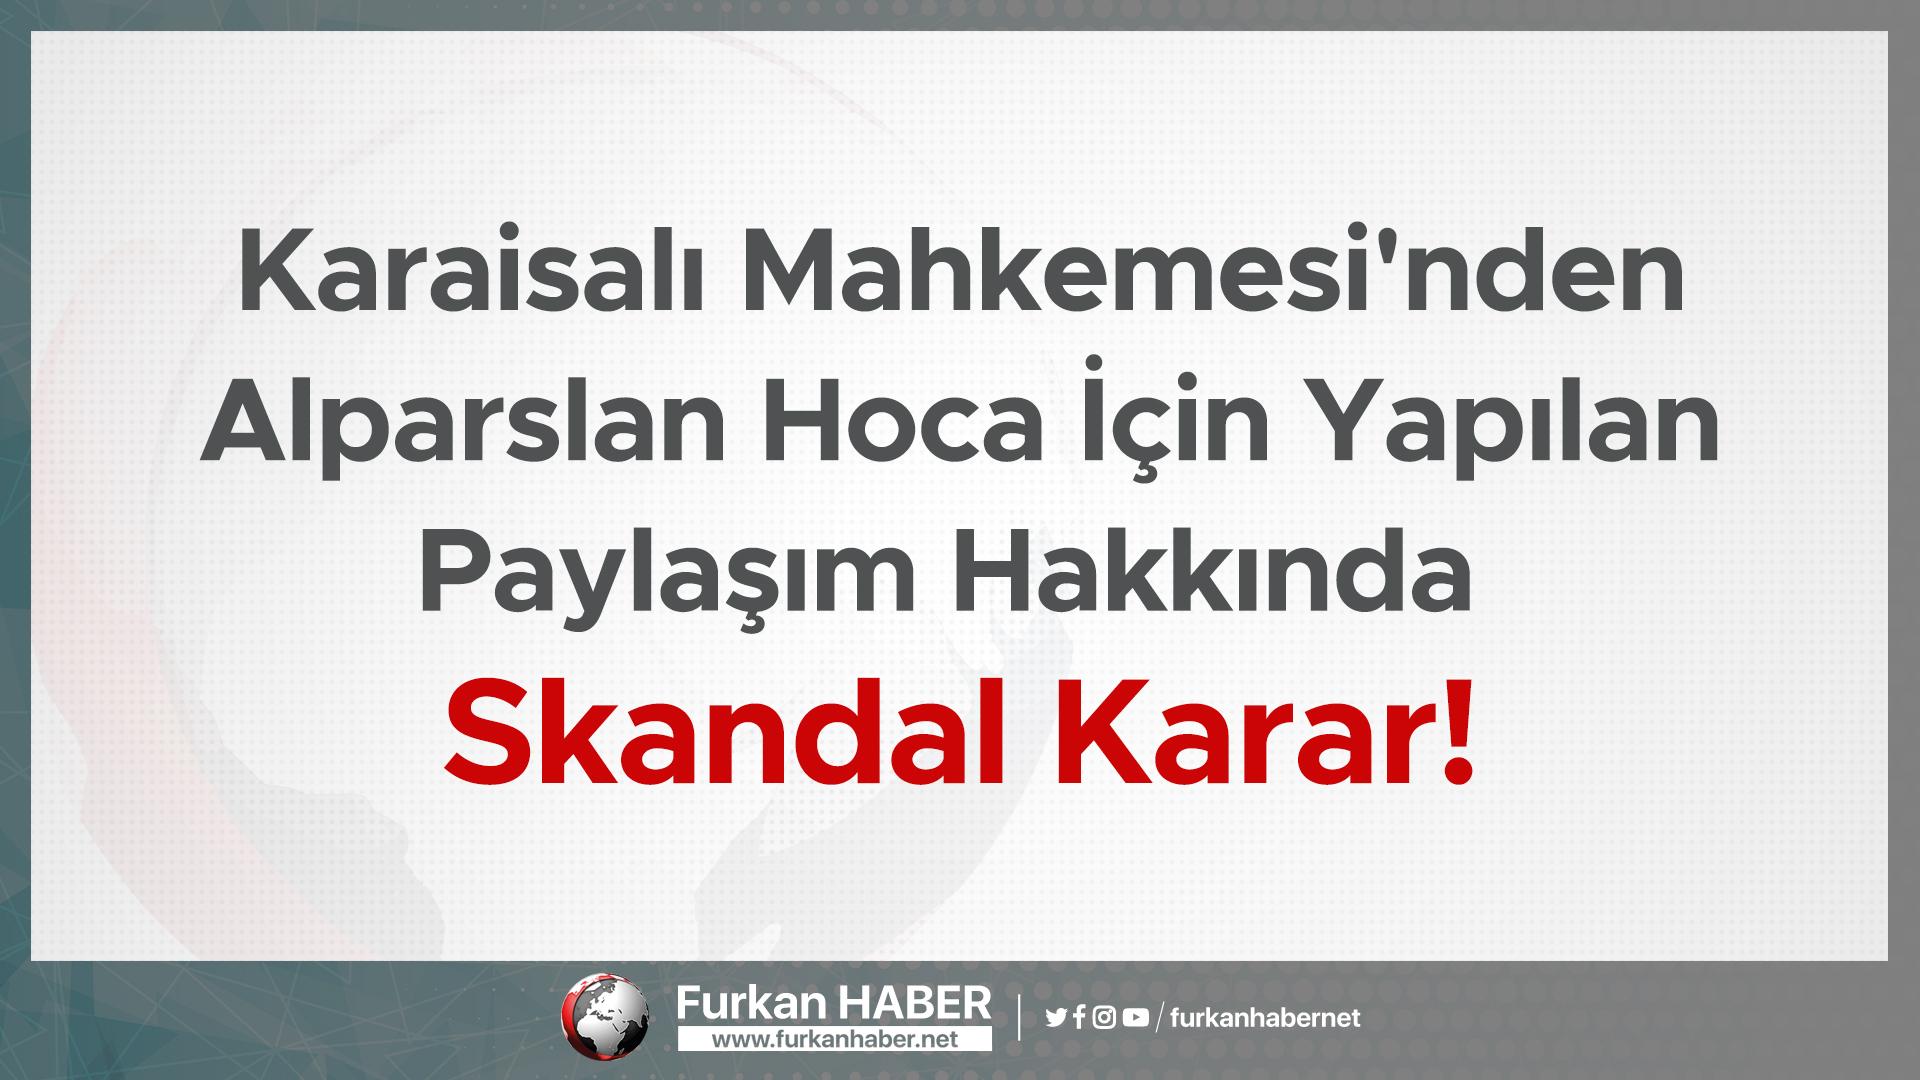 Karaisalı Mahkemesi'nden Alparslan Hoca İçin Yapılan Paylaşım Hakkında Skandal Karar!